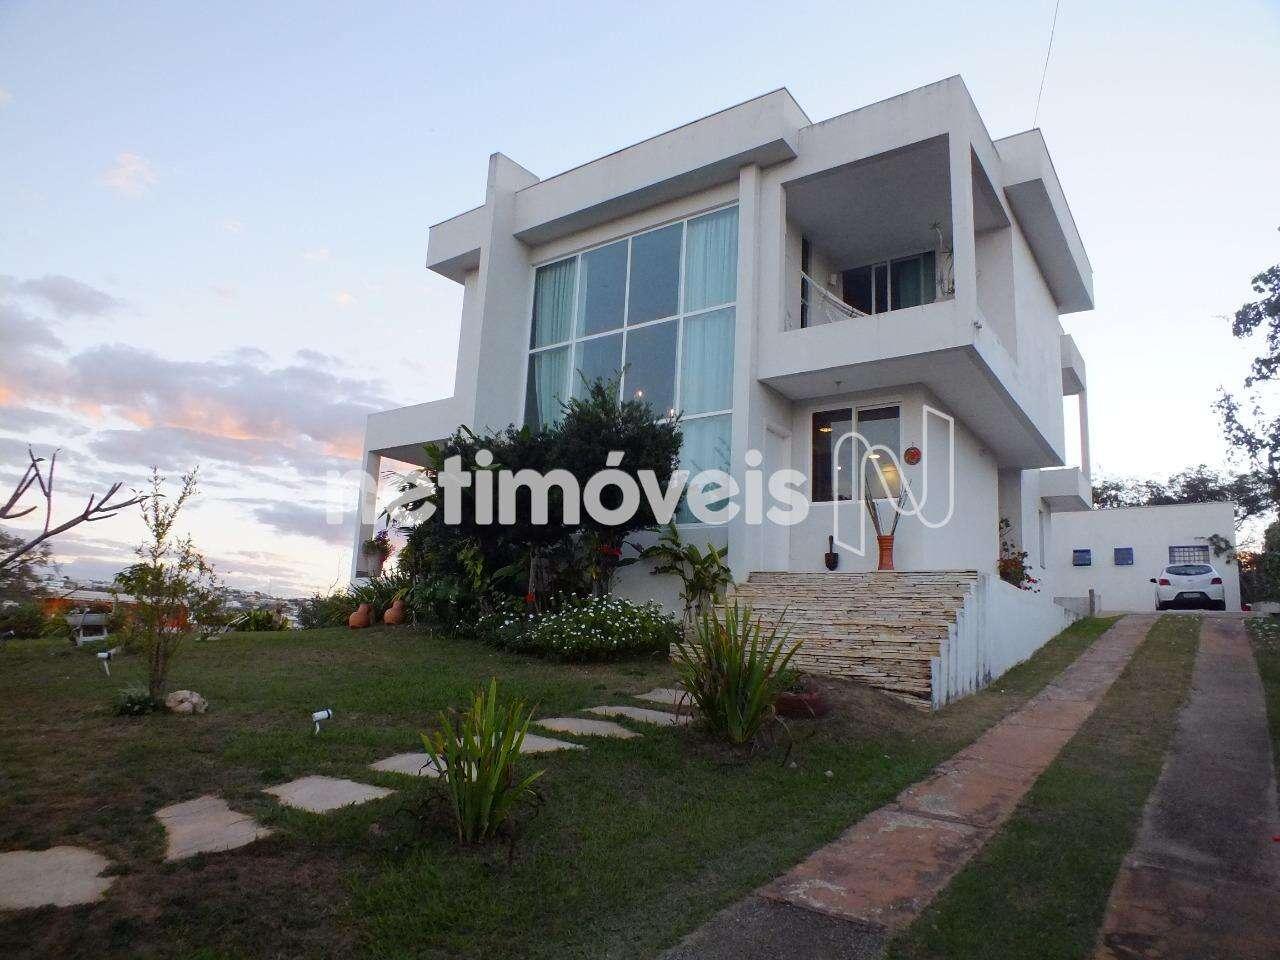 casa,casa comercial,distrito federal,setor habitacional jardim botânico,brasília,